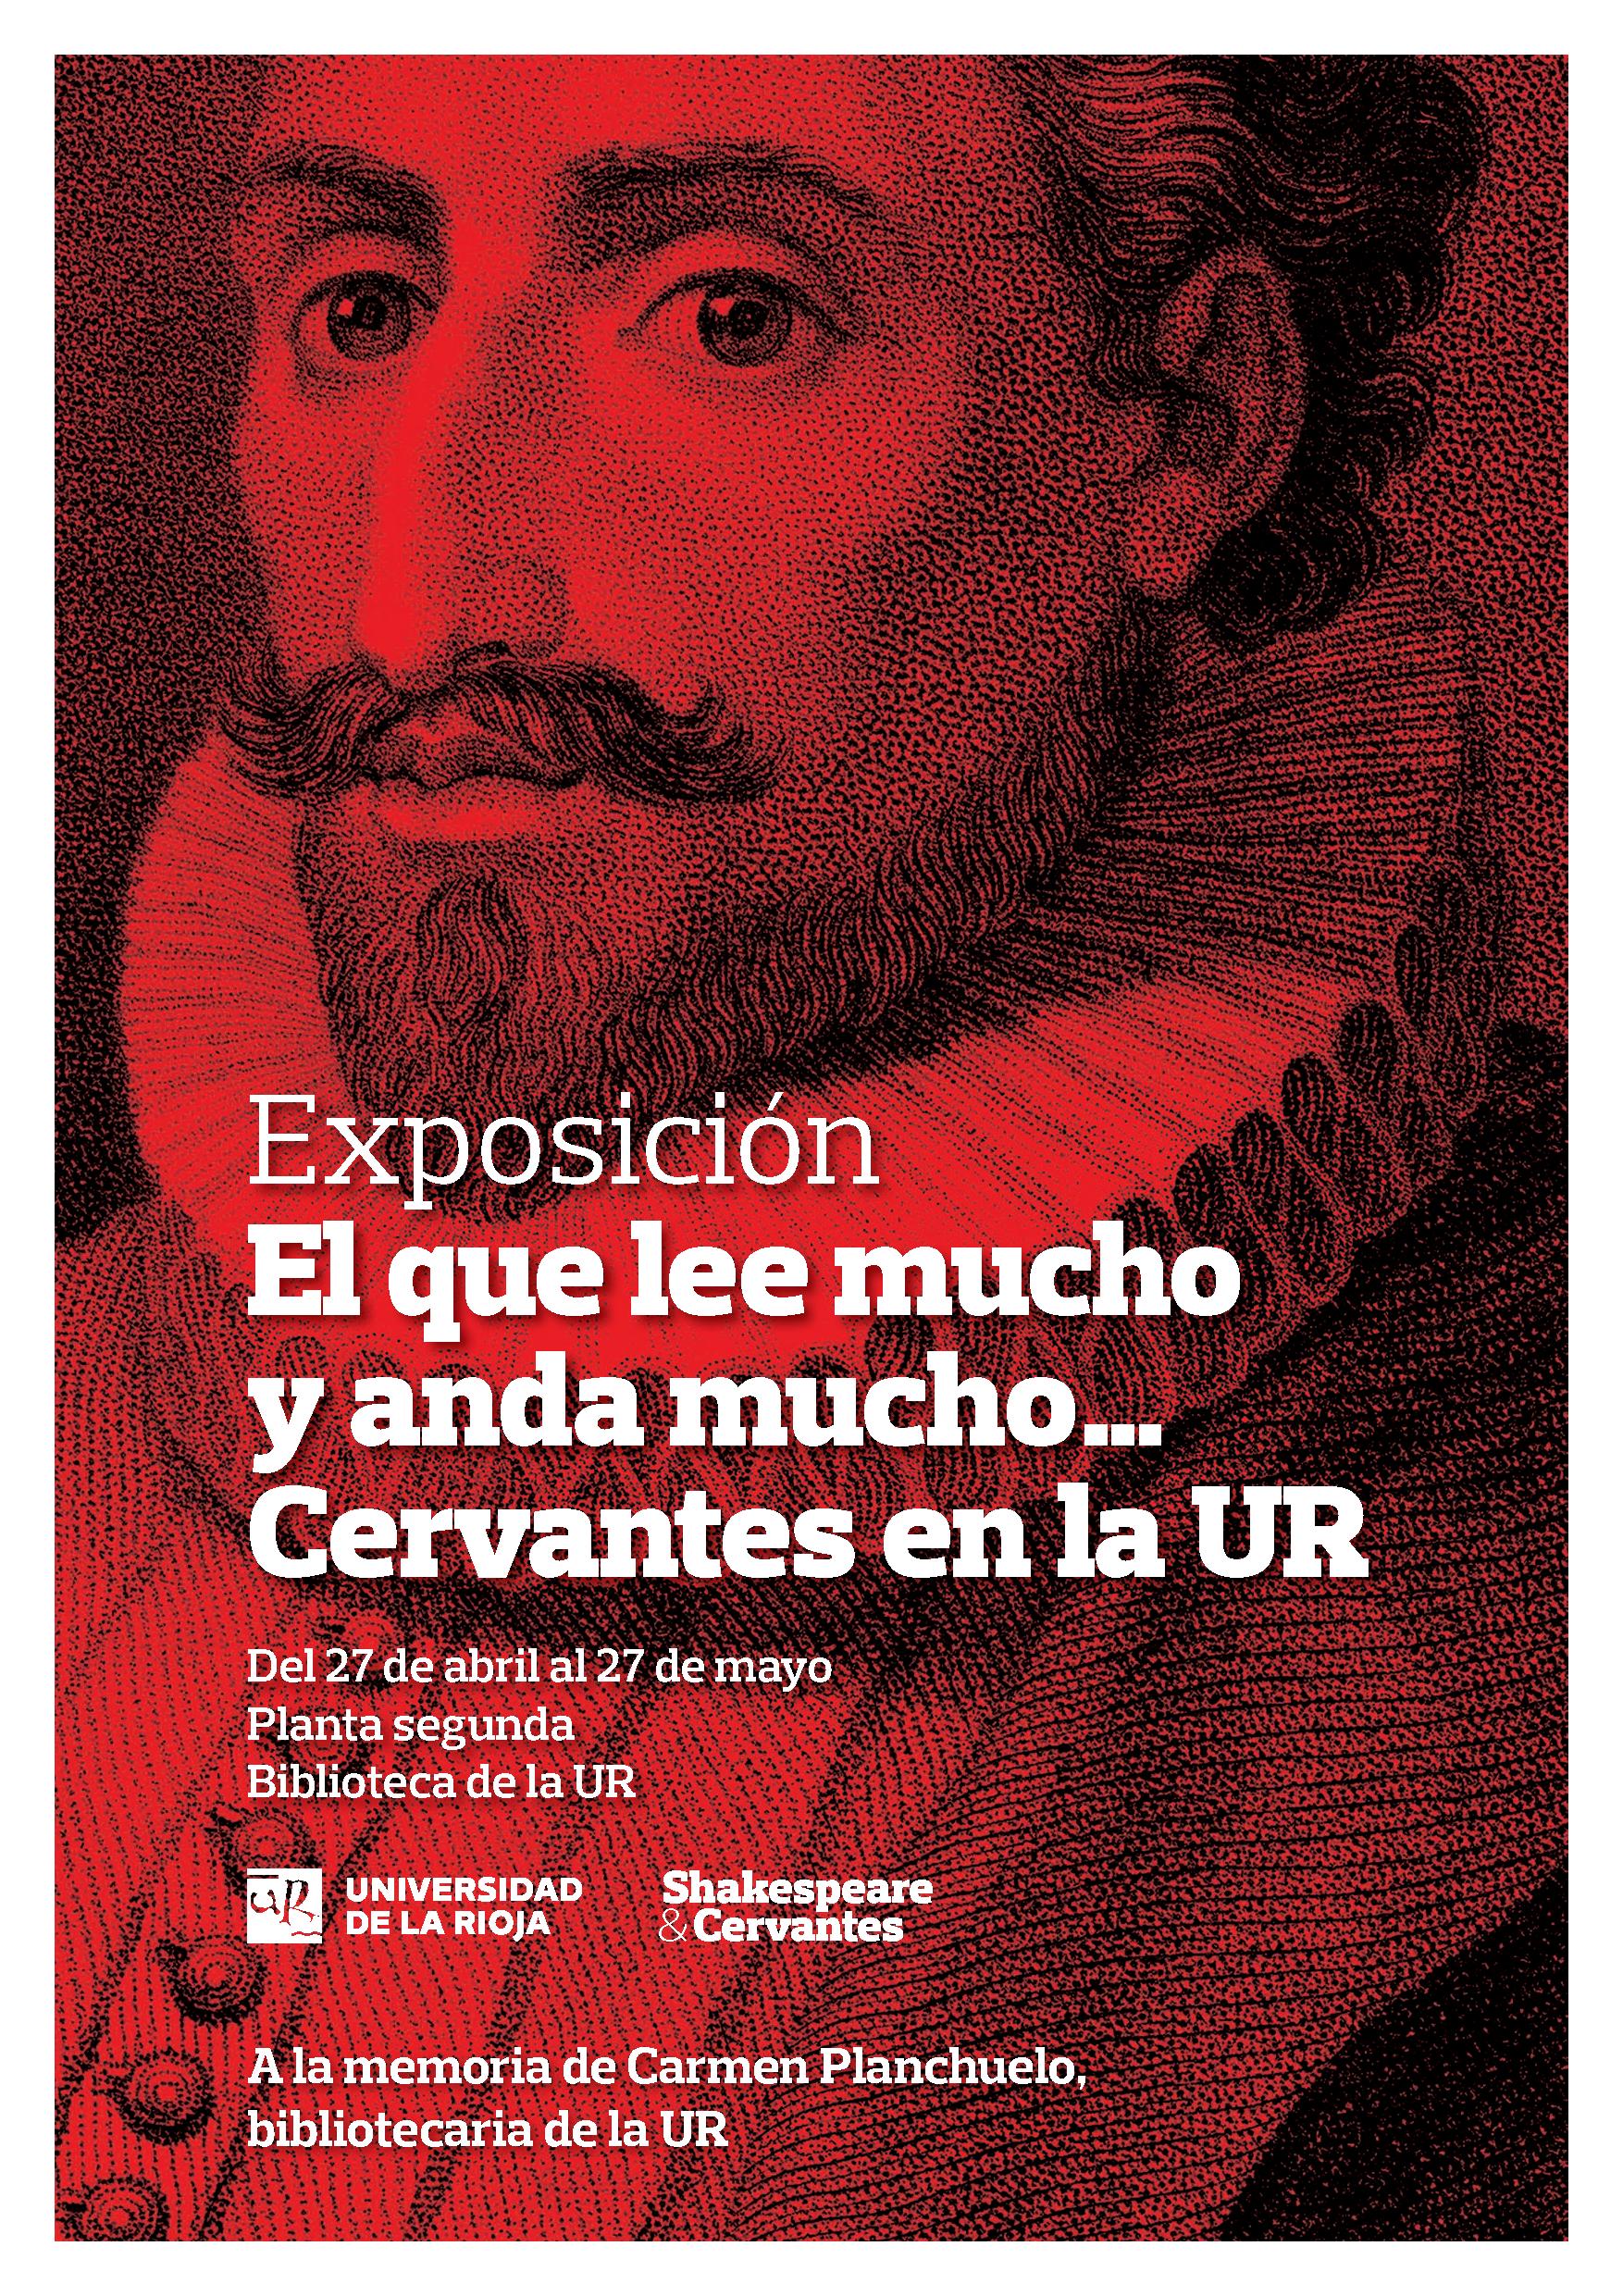 Cartel De La Exposición Exposiciones Bibliotecaria 27 De Mayo